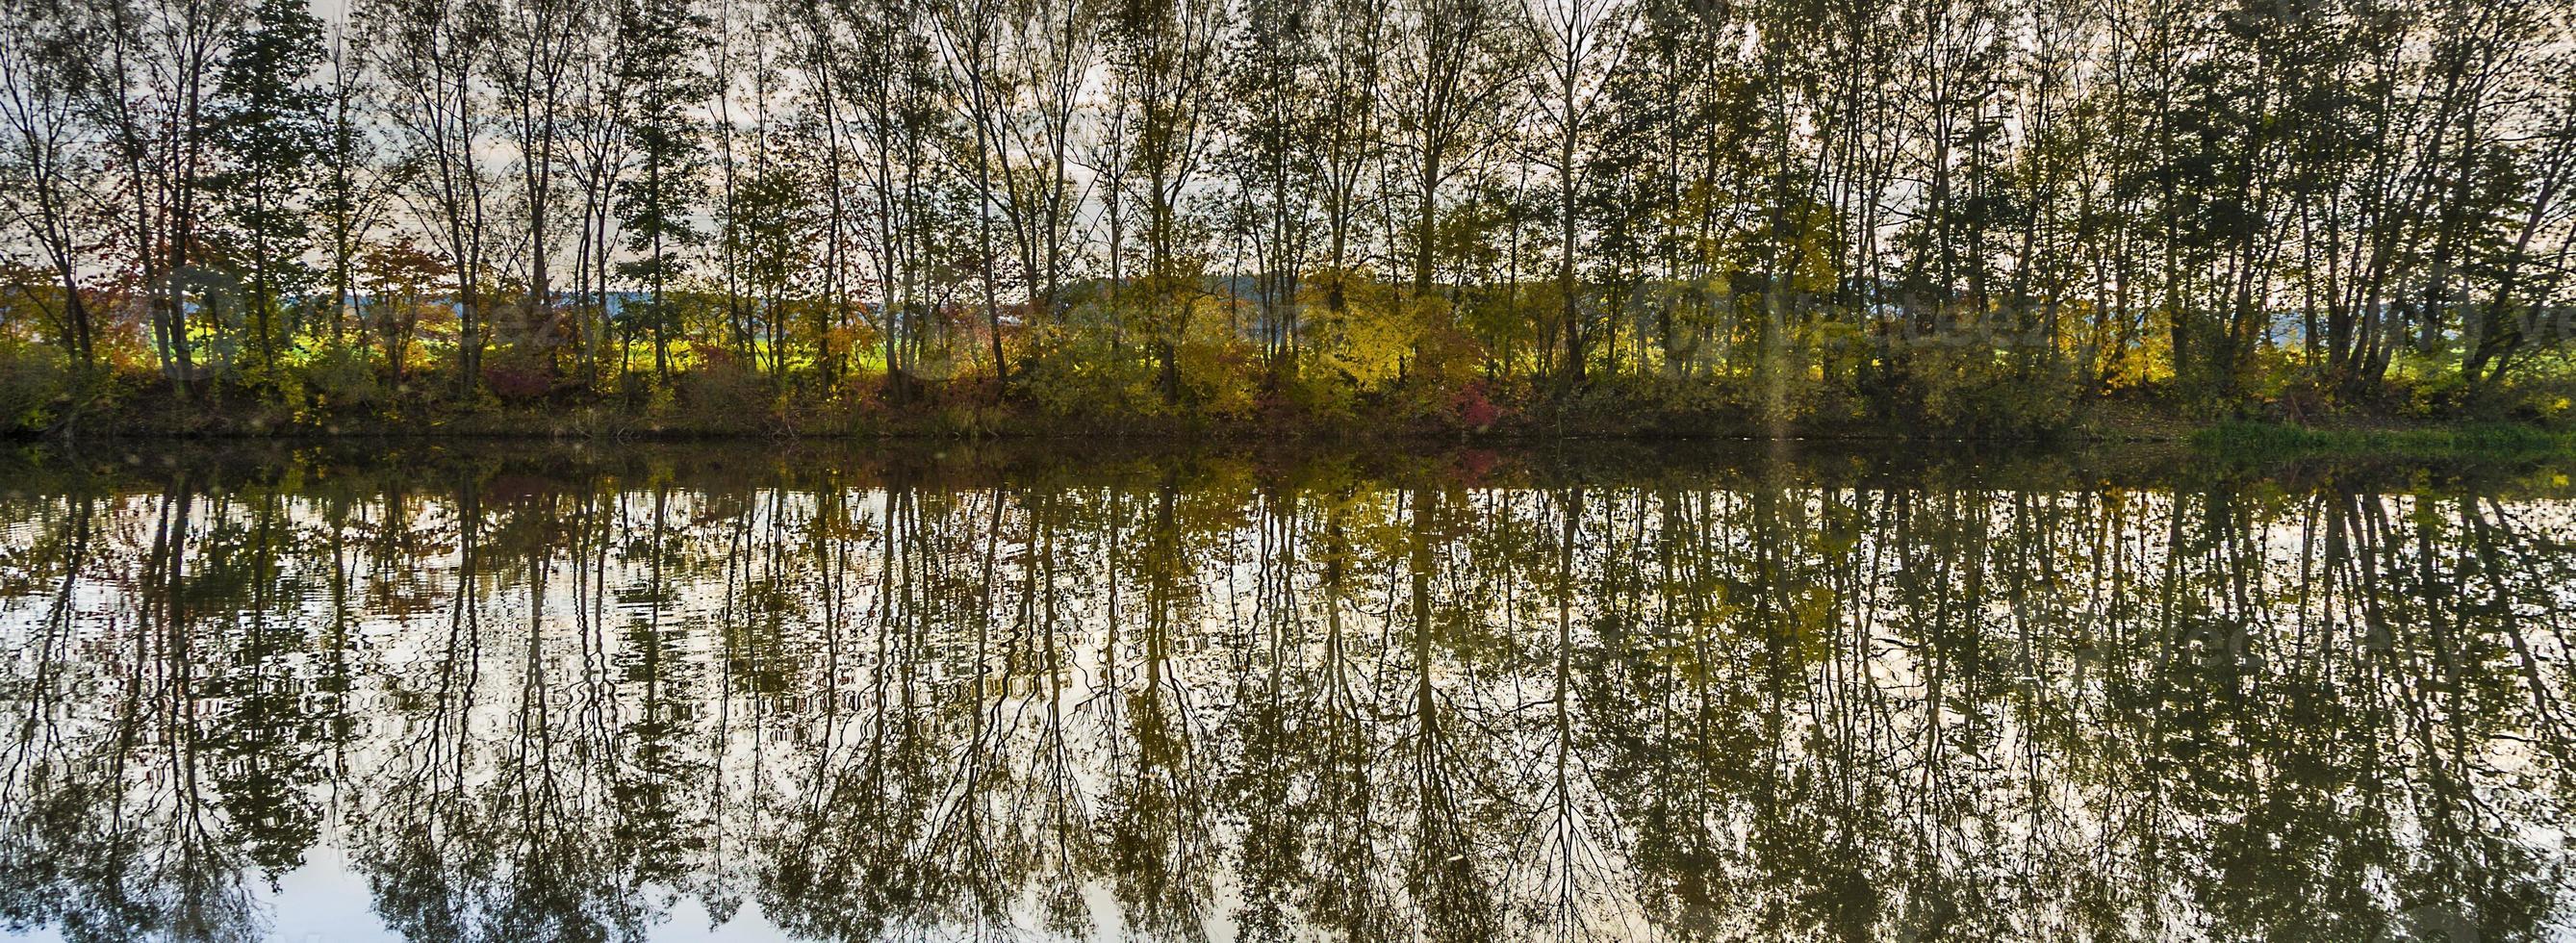 reflejo de los árboles en el río tauber foto